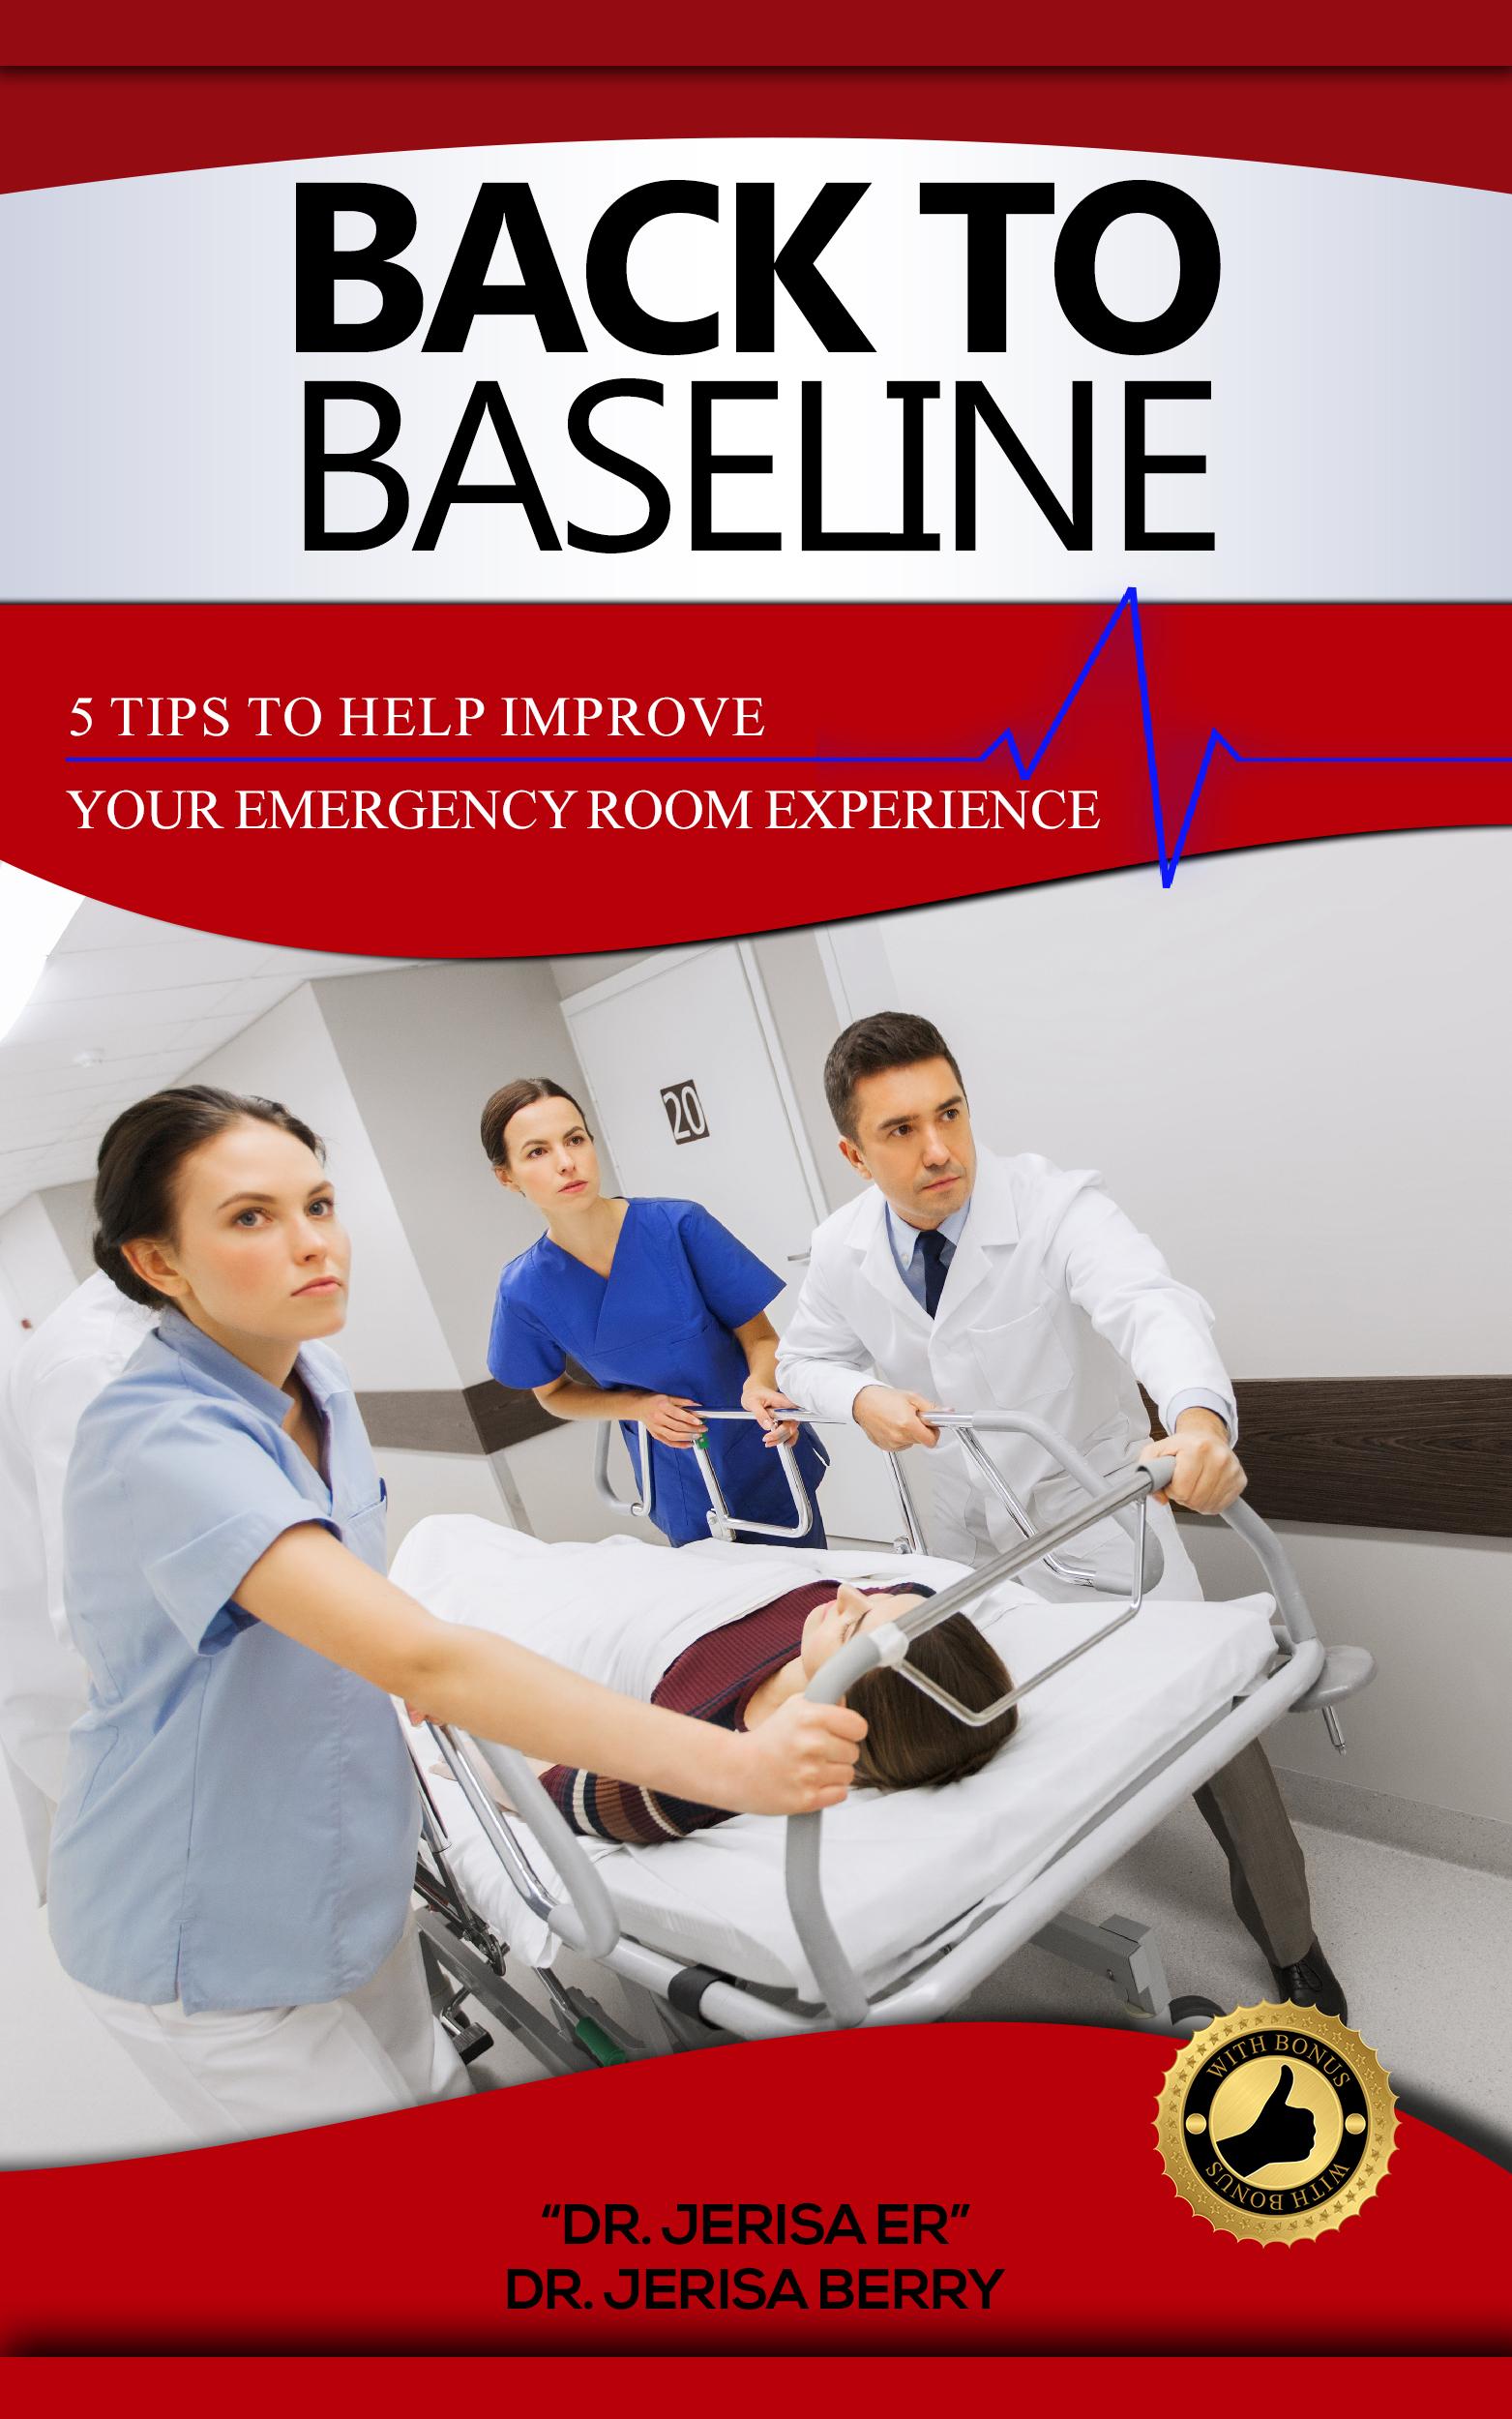 Back to Baseline! 5 Tips to Avoid the Flatline in the ER